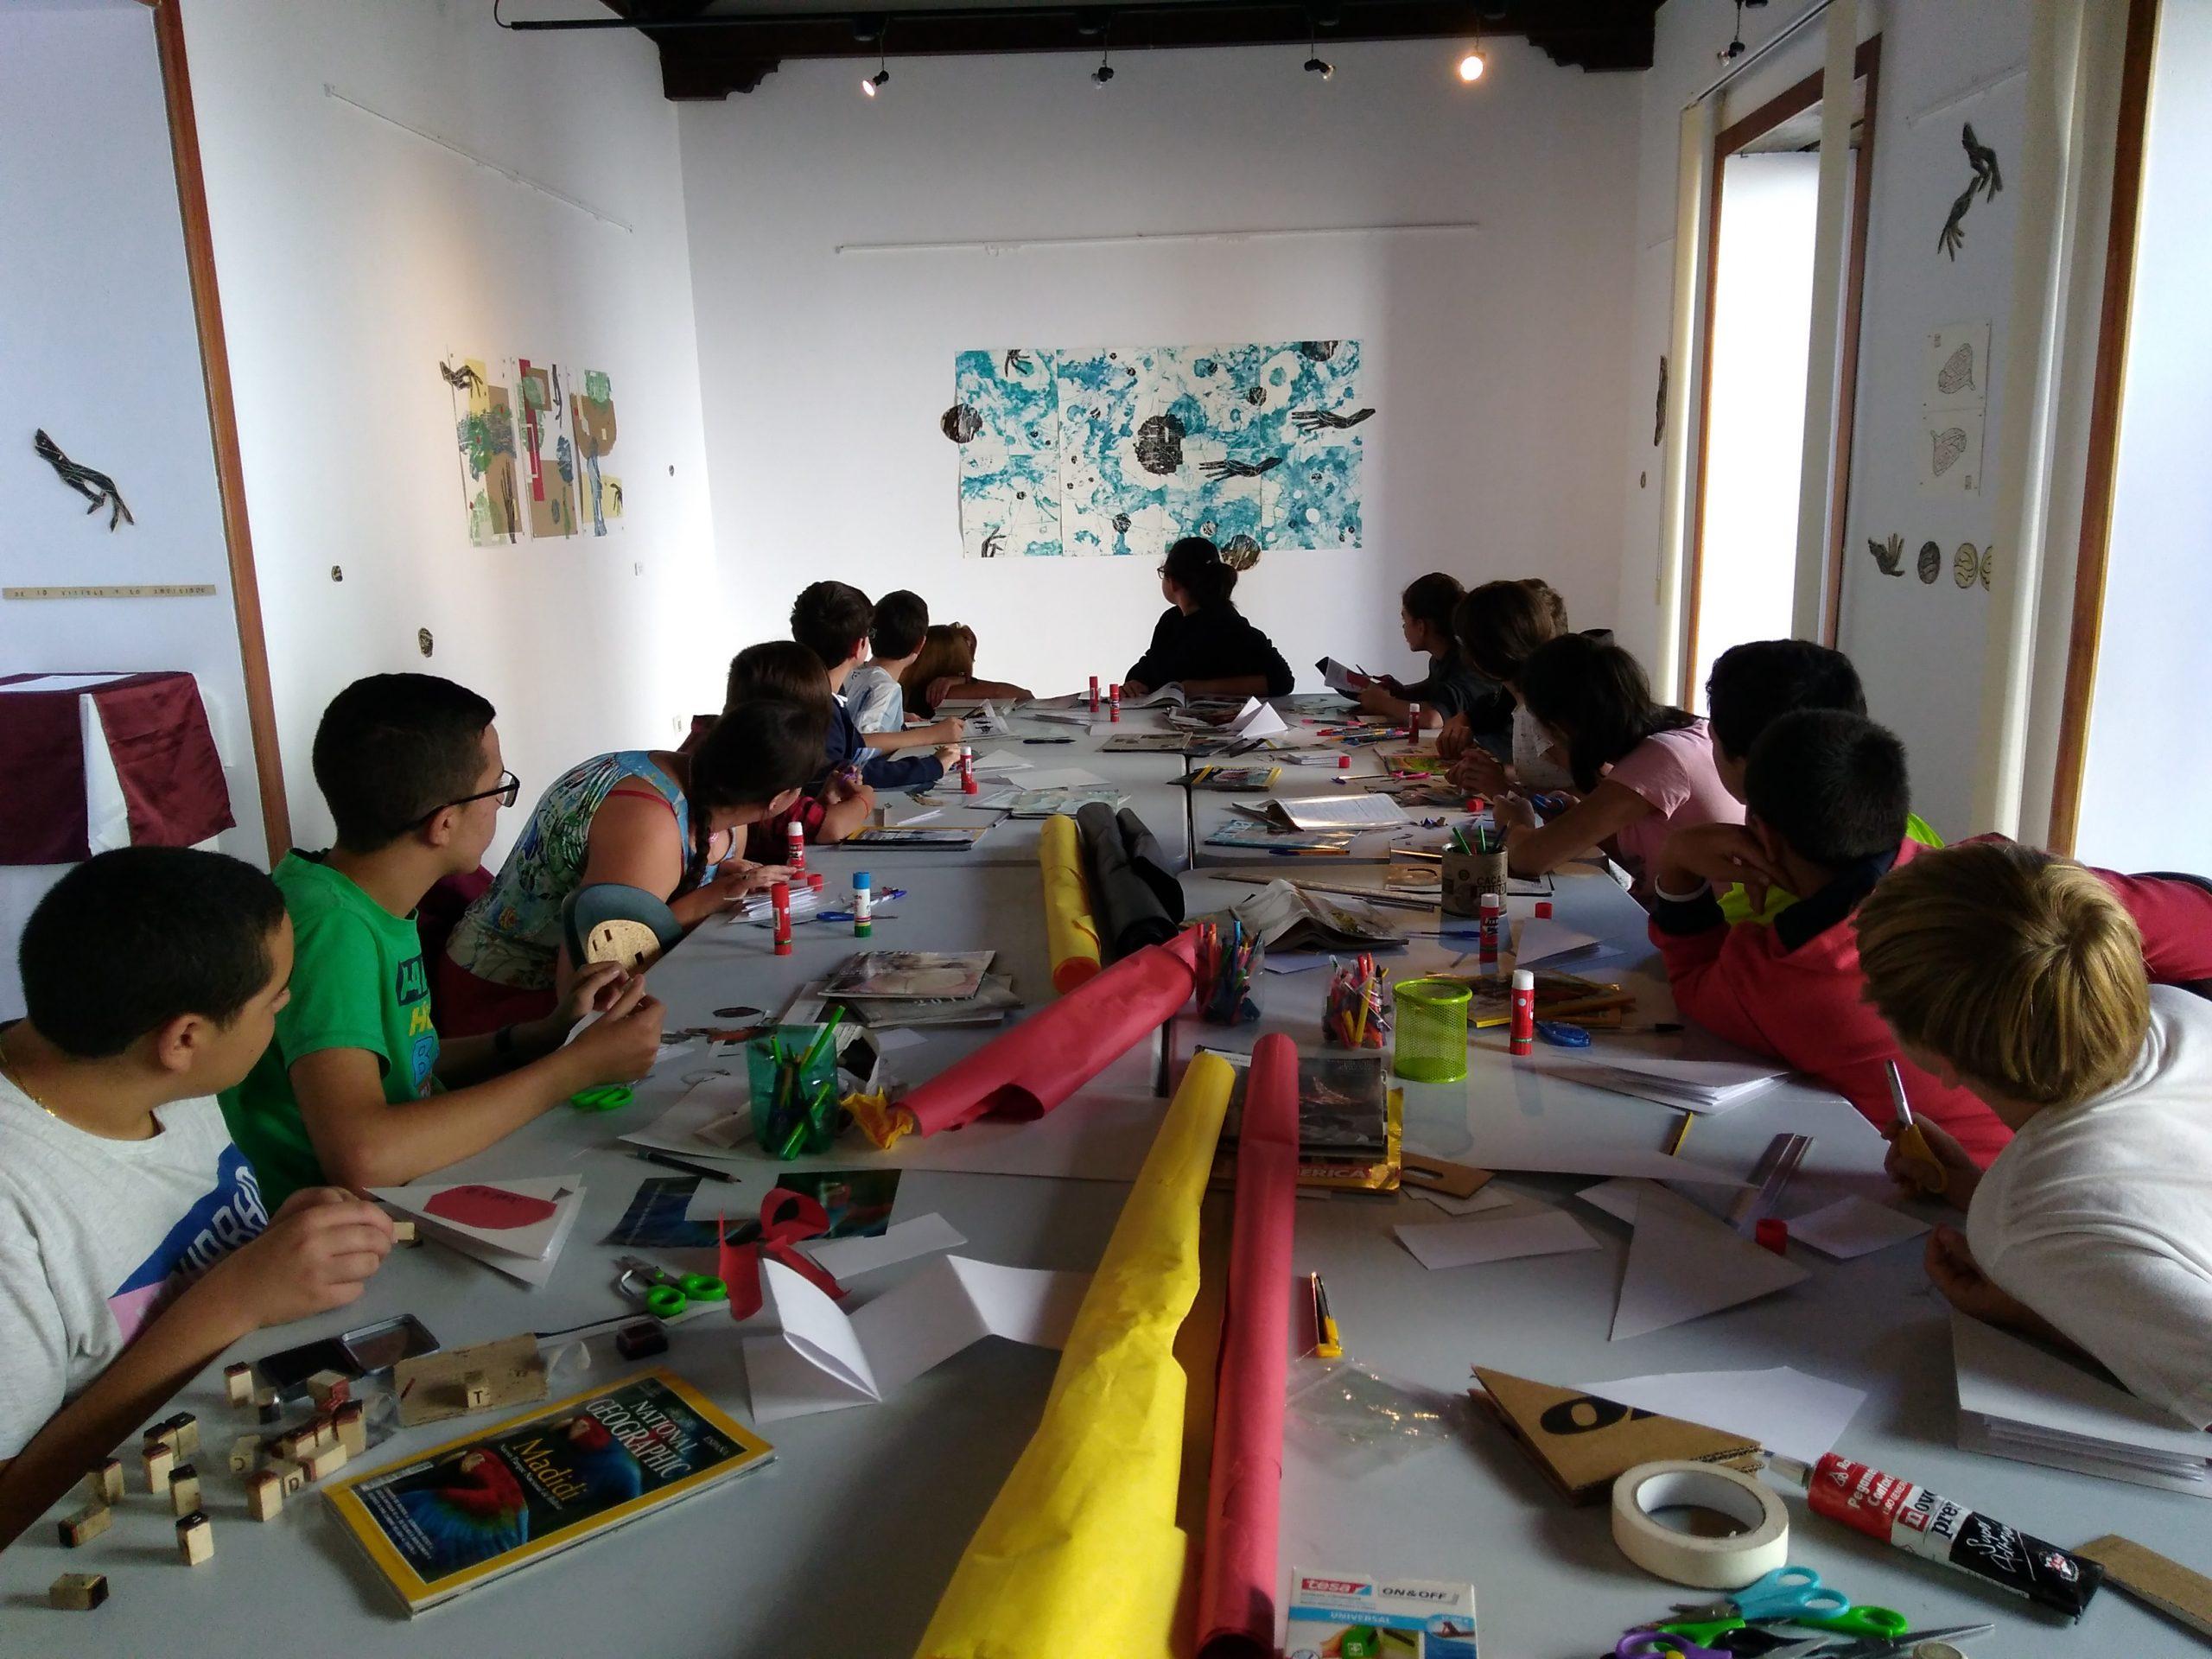 El Centro de Artes Plásticas del Cabildo de Gran Canaria organiza en julio distintos talleres artísticos infantiles gratuitos